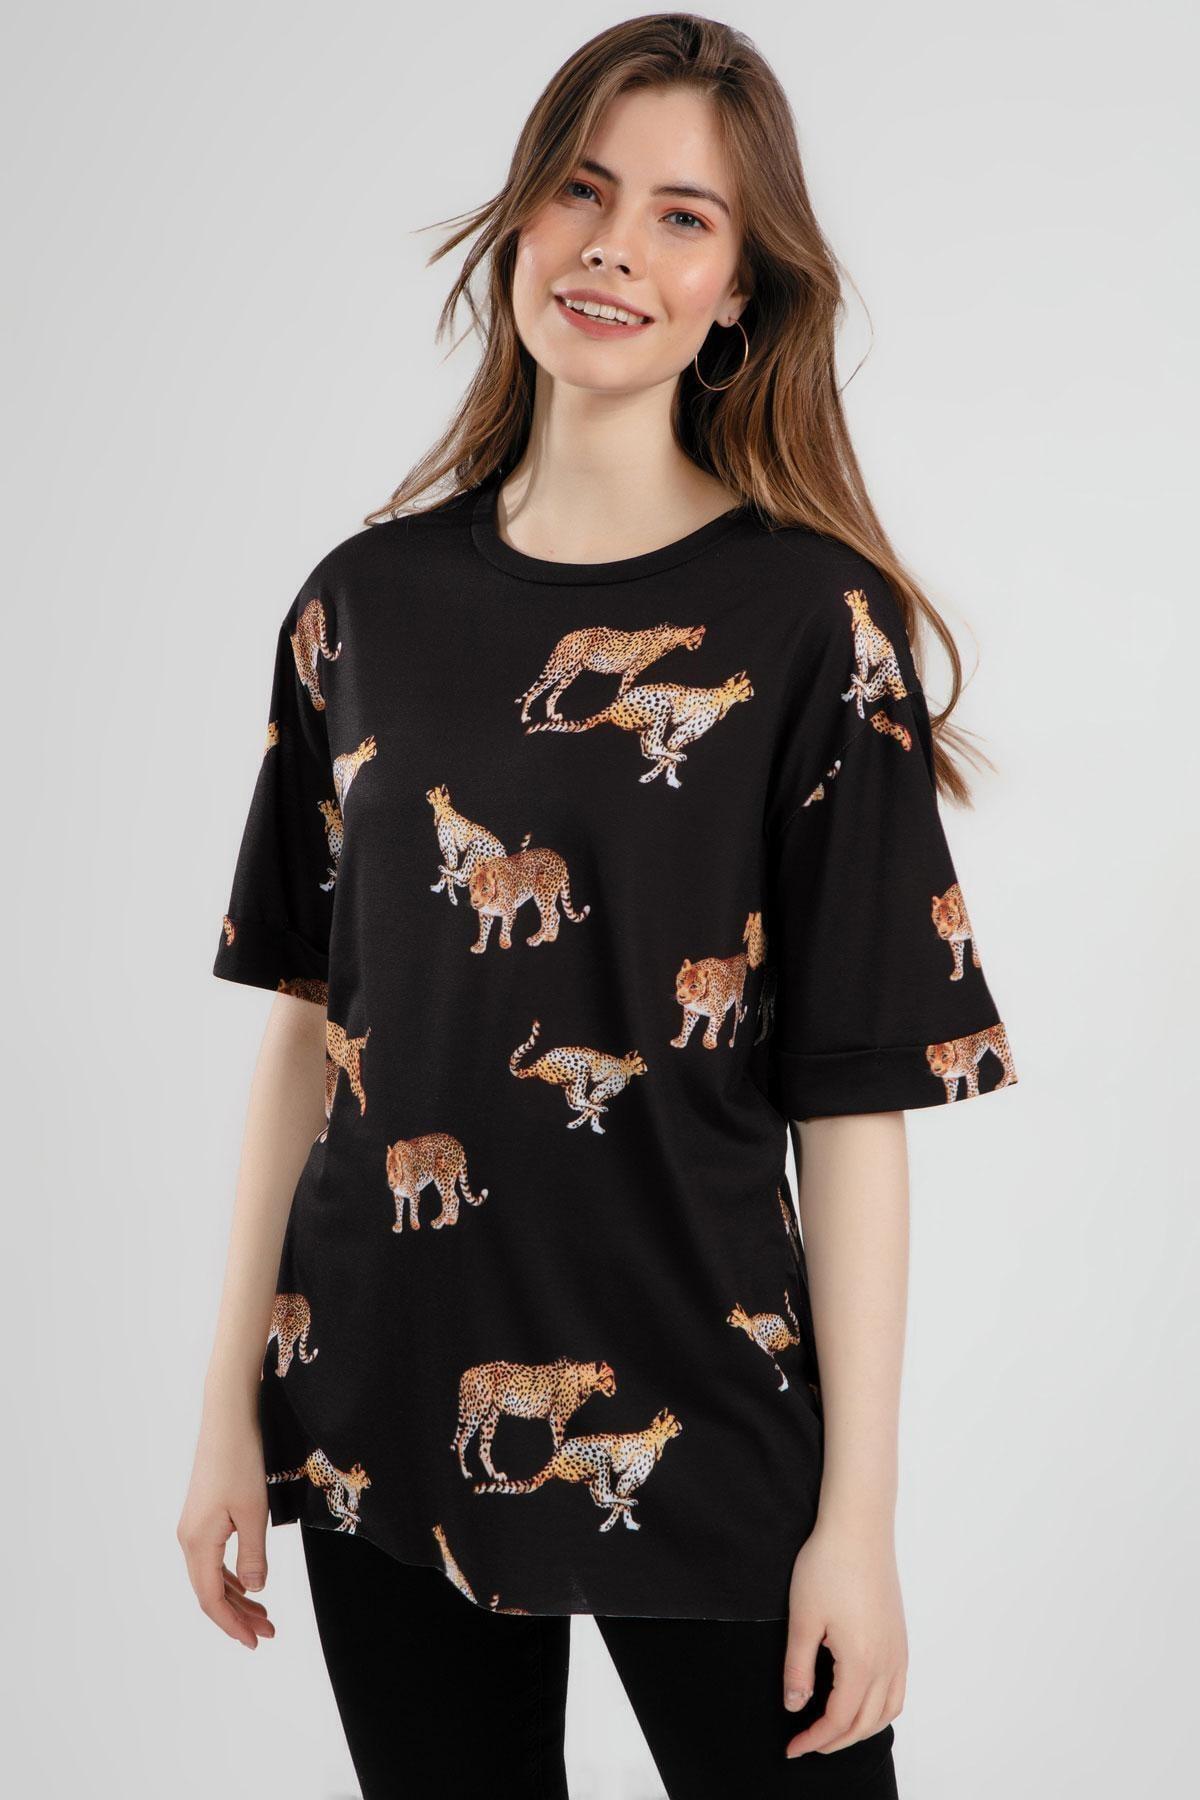 Pattaya Kadın Çita Baskılı Yırtmaçlı Kısa Kollu Tişört Y20s110-4133 1